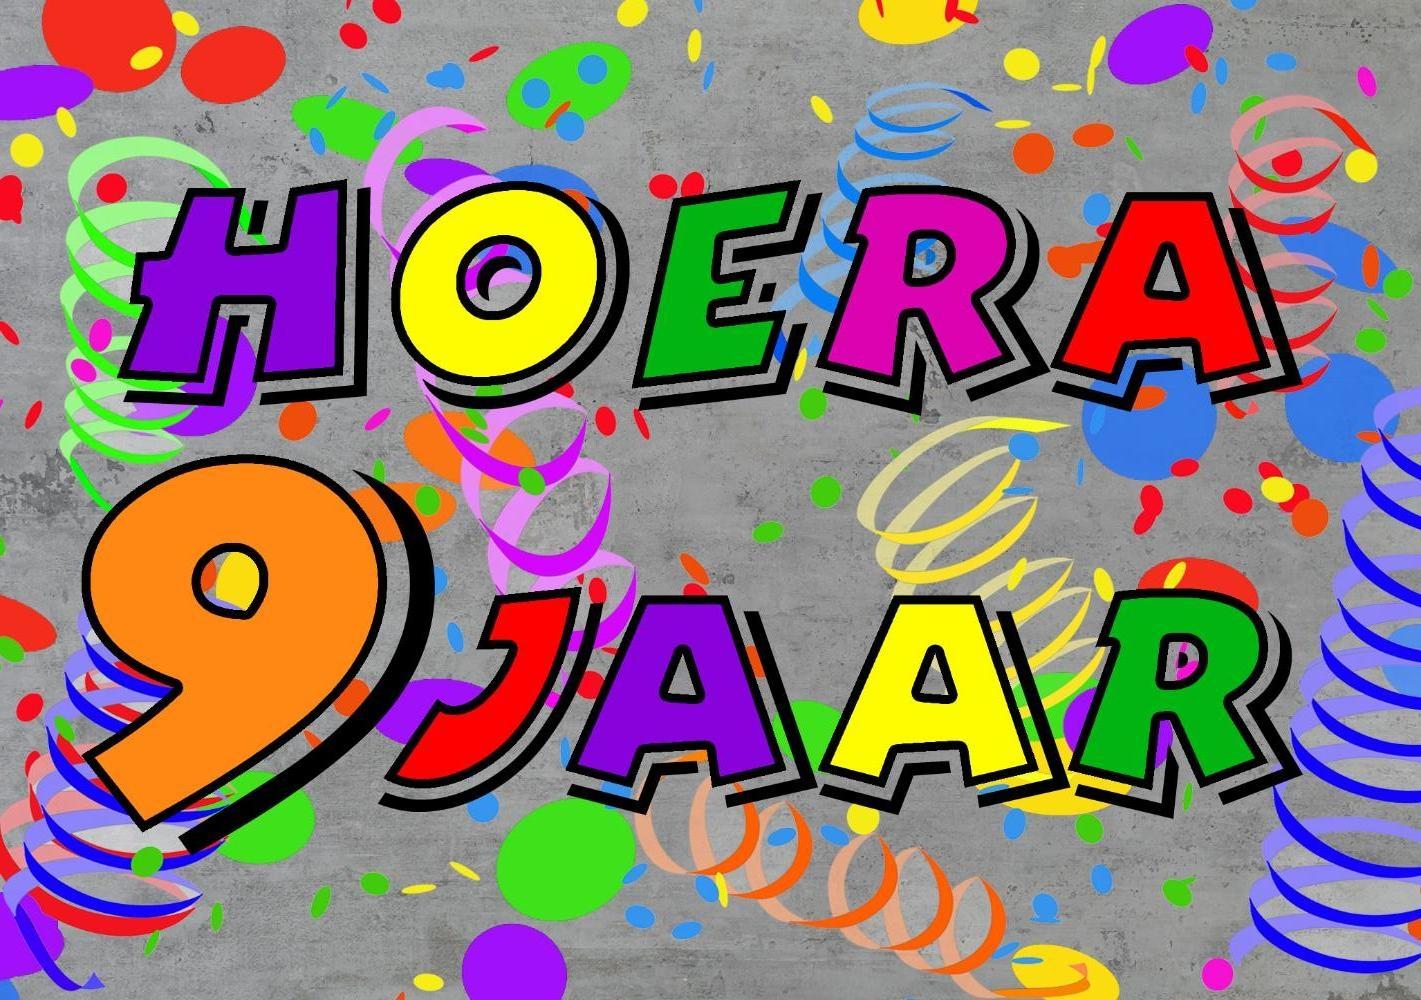 hoera 9 jaar Verjaardagskaart kind: Hoera 9 jaar!   Kaartjeposten.nl hoera 9 jaar